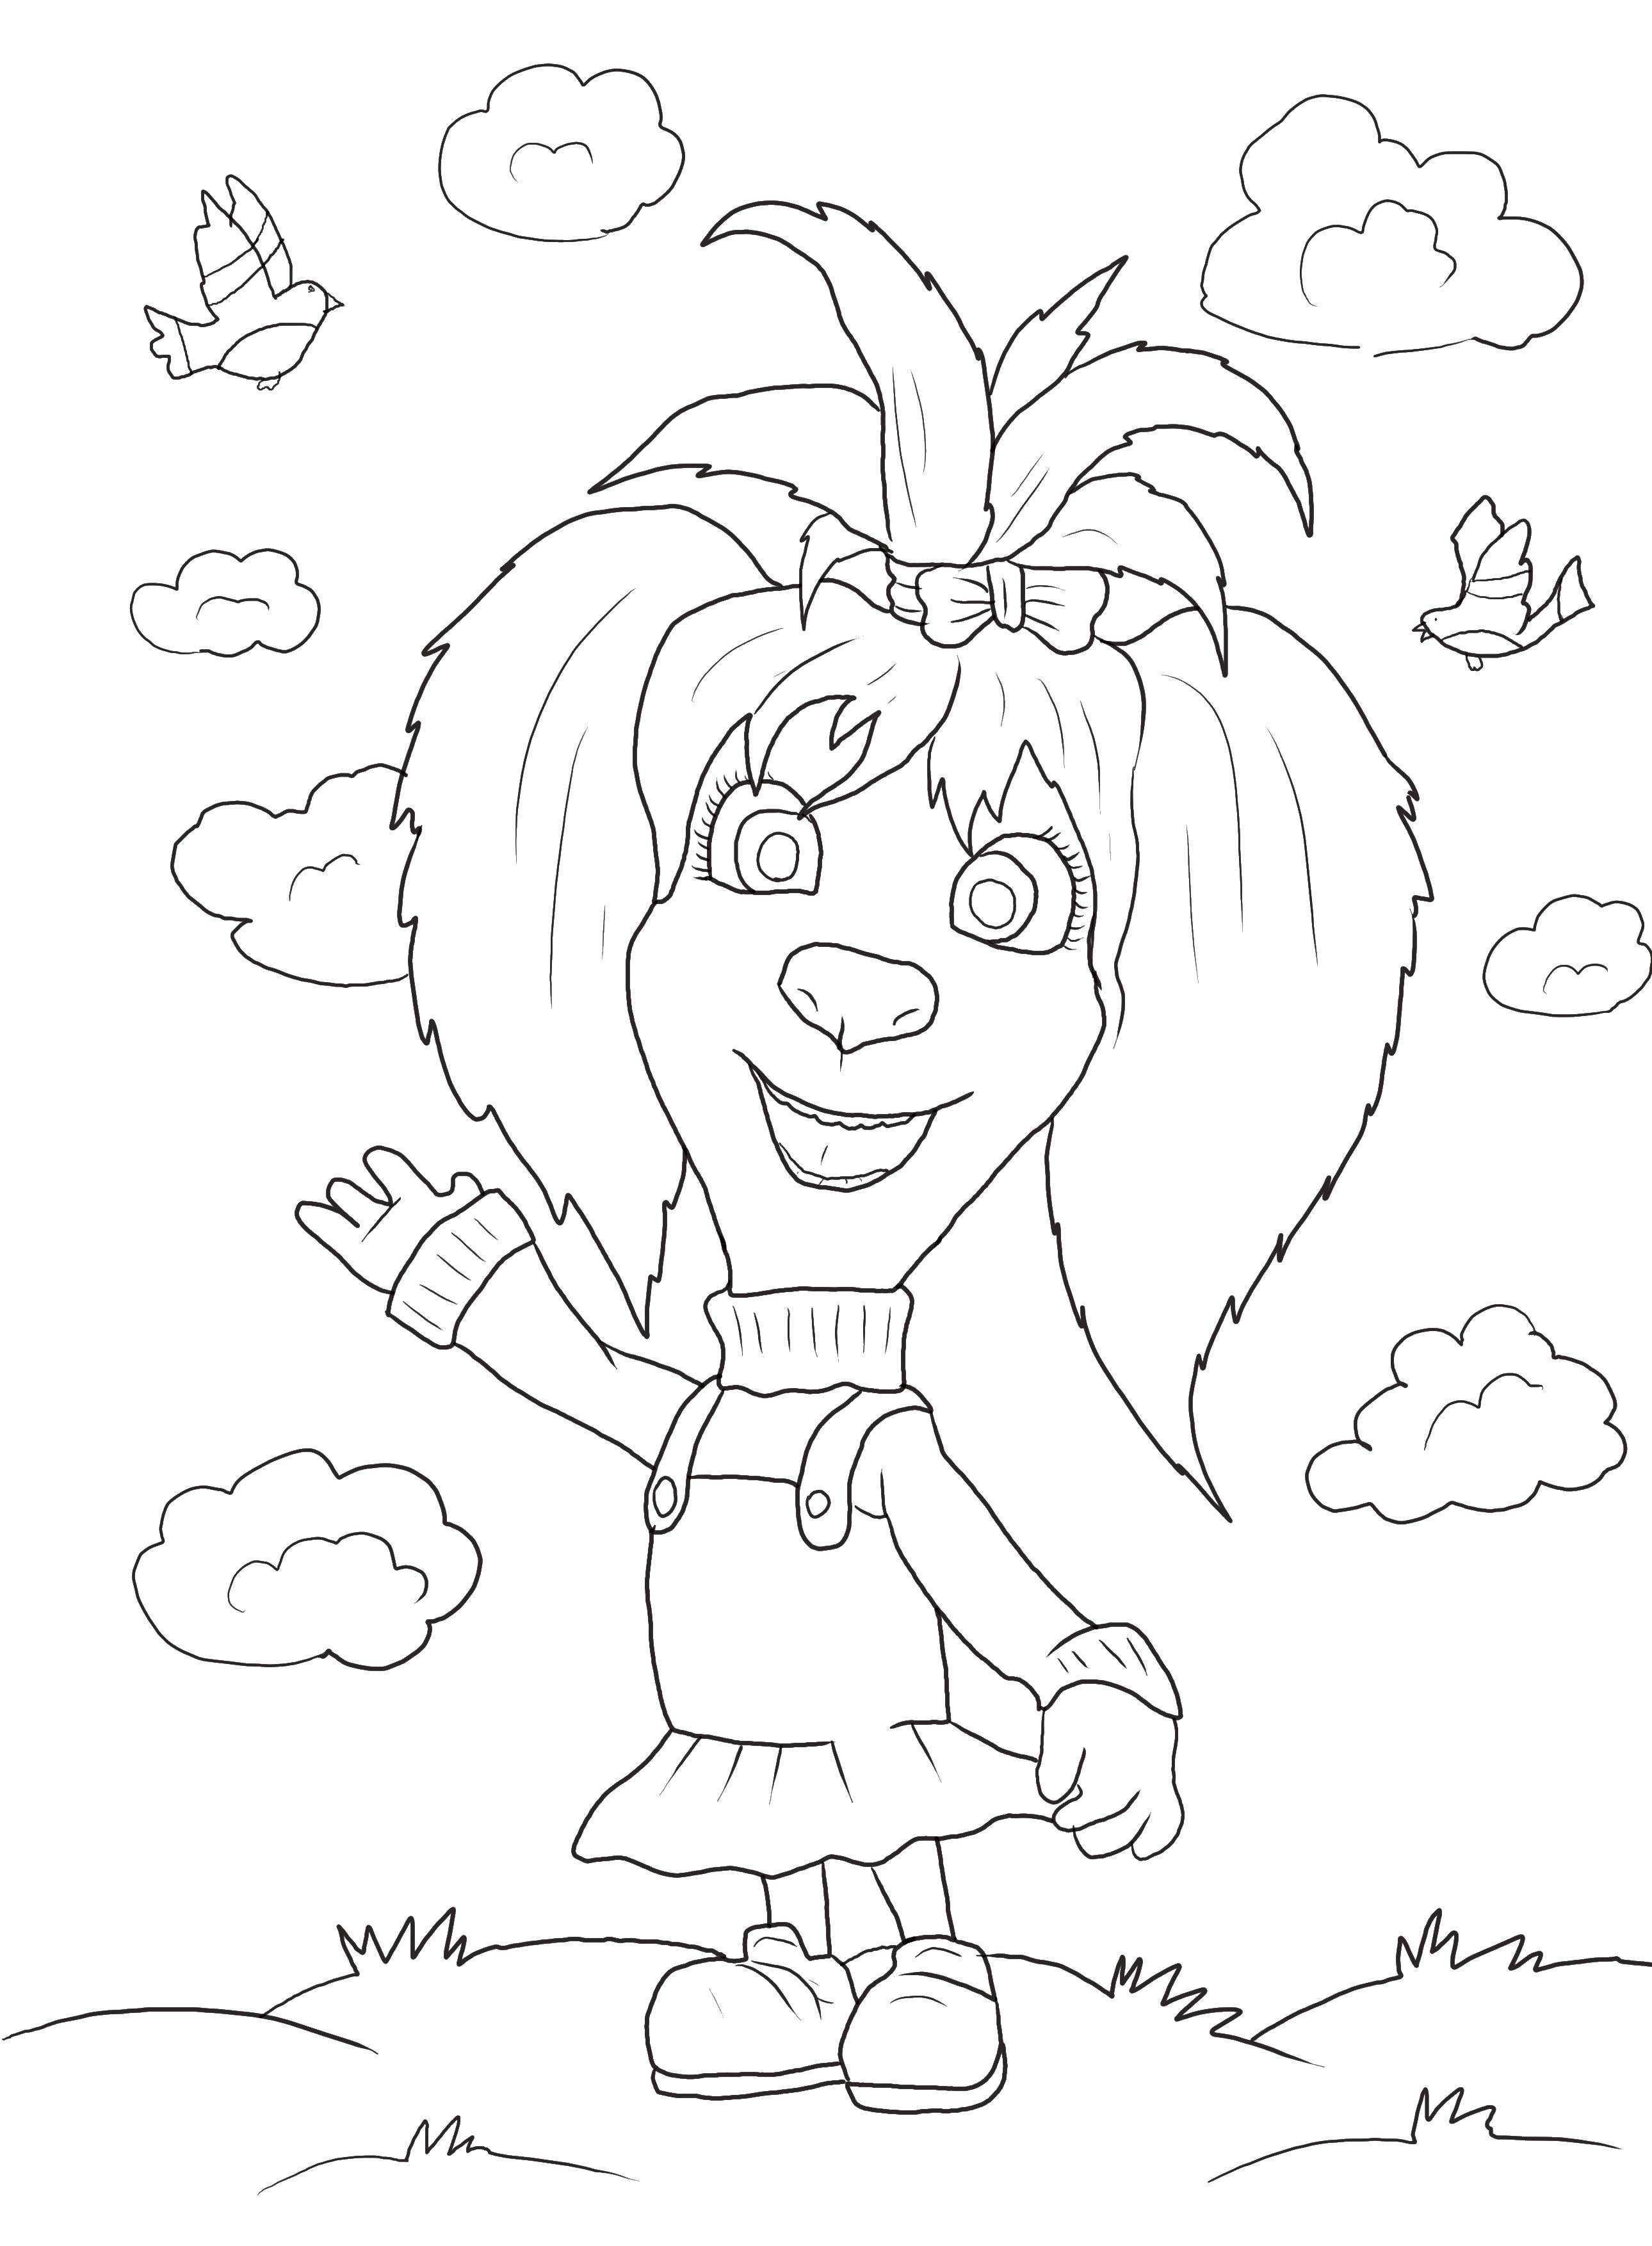 раскраски про семейку барбоскиных для малышей